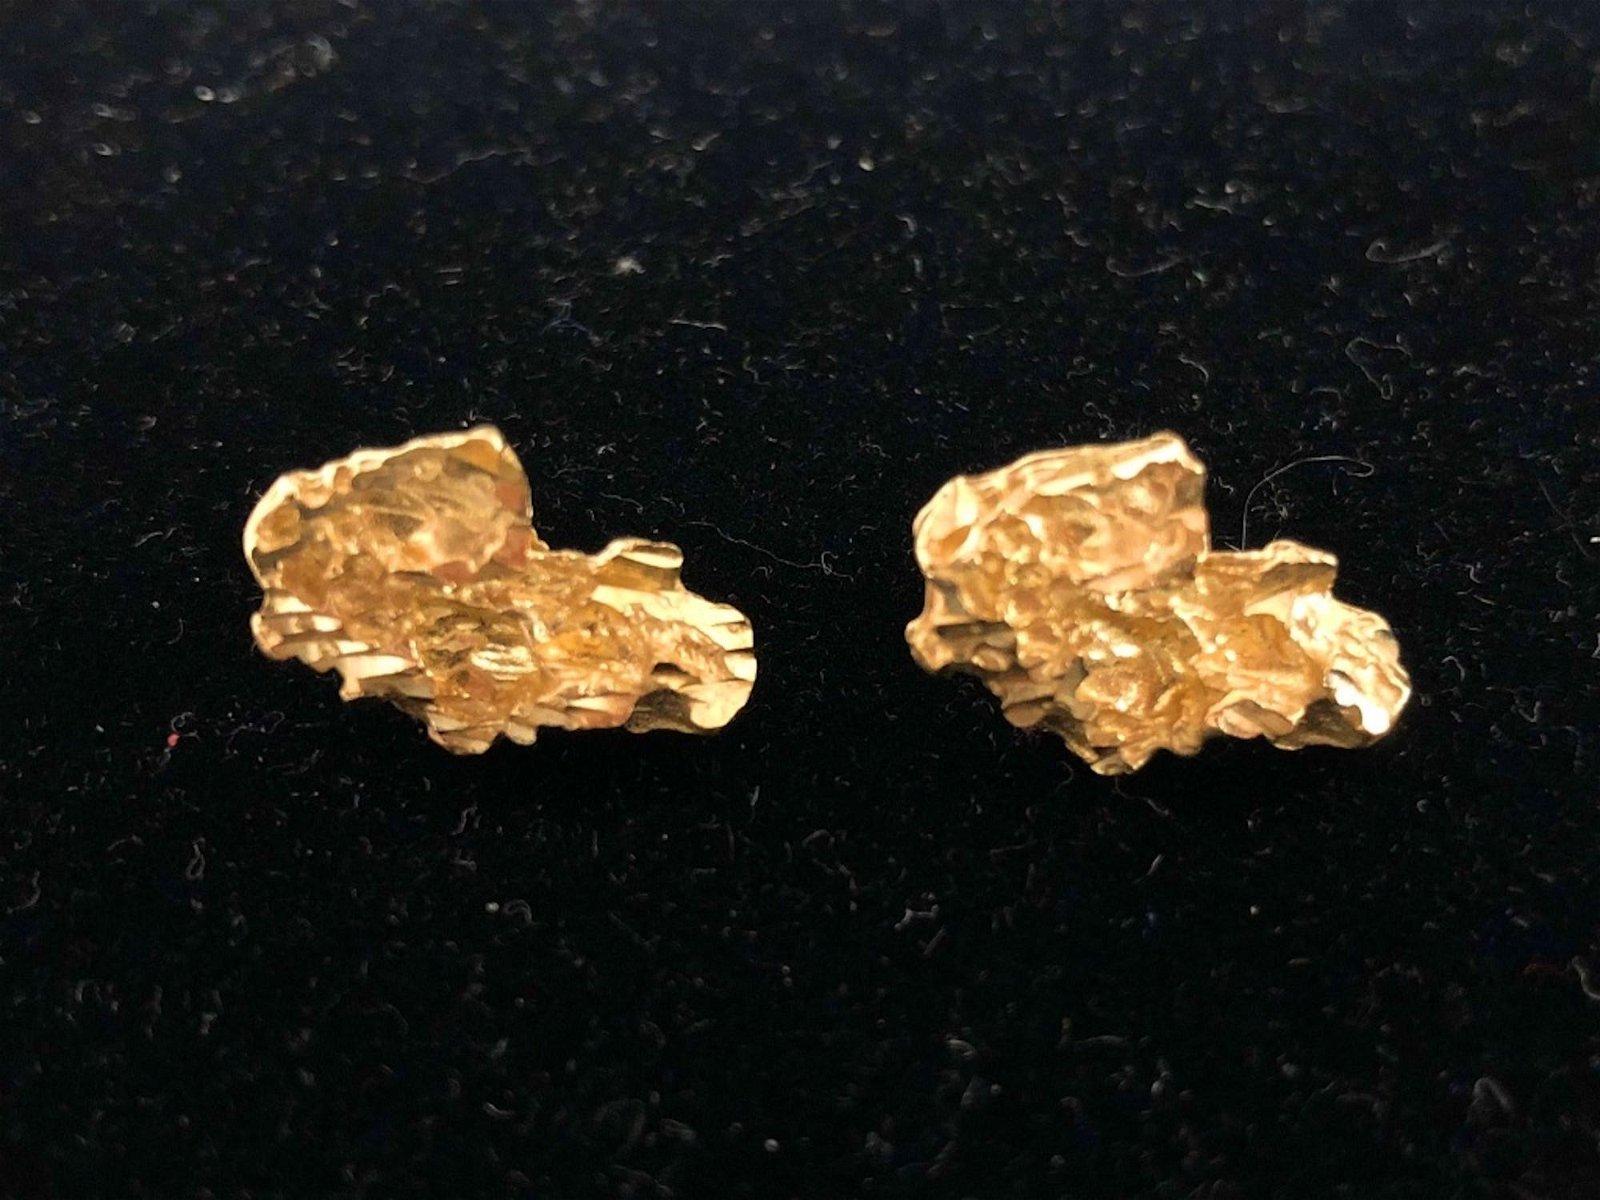 Pair of 14K Gold Nugget Earrings